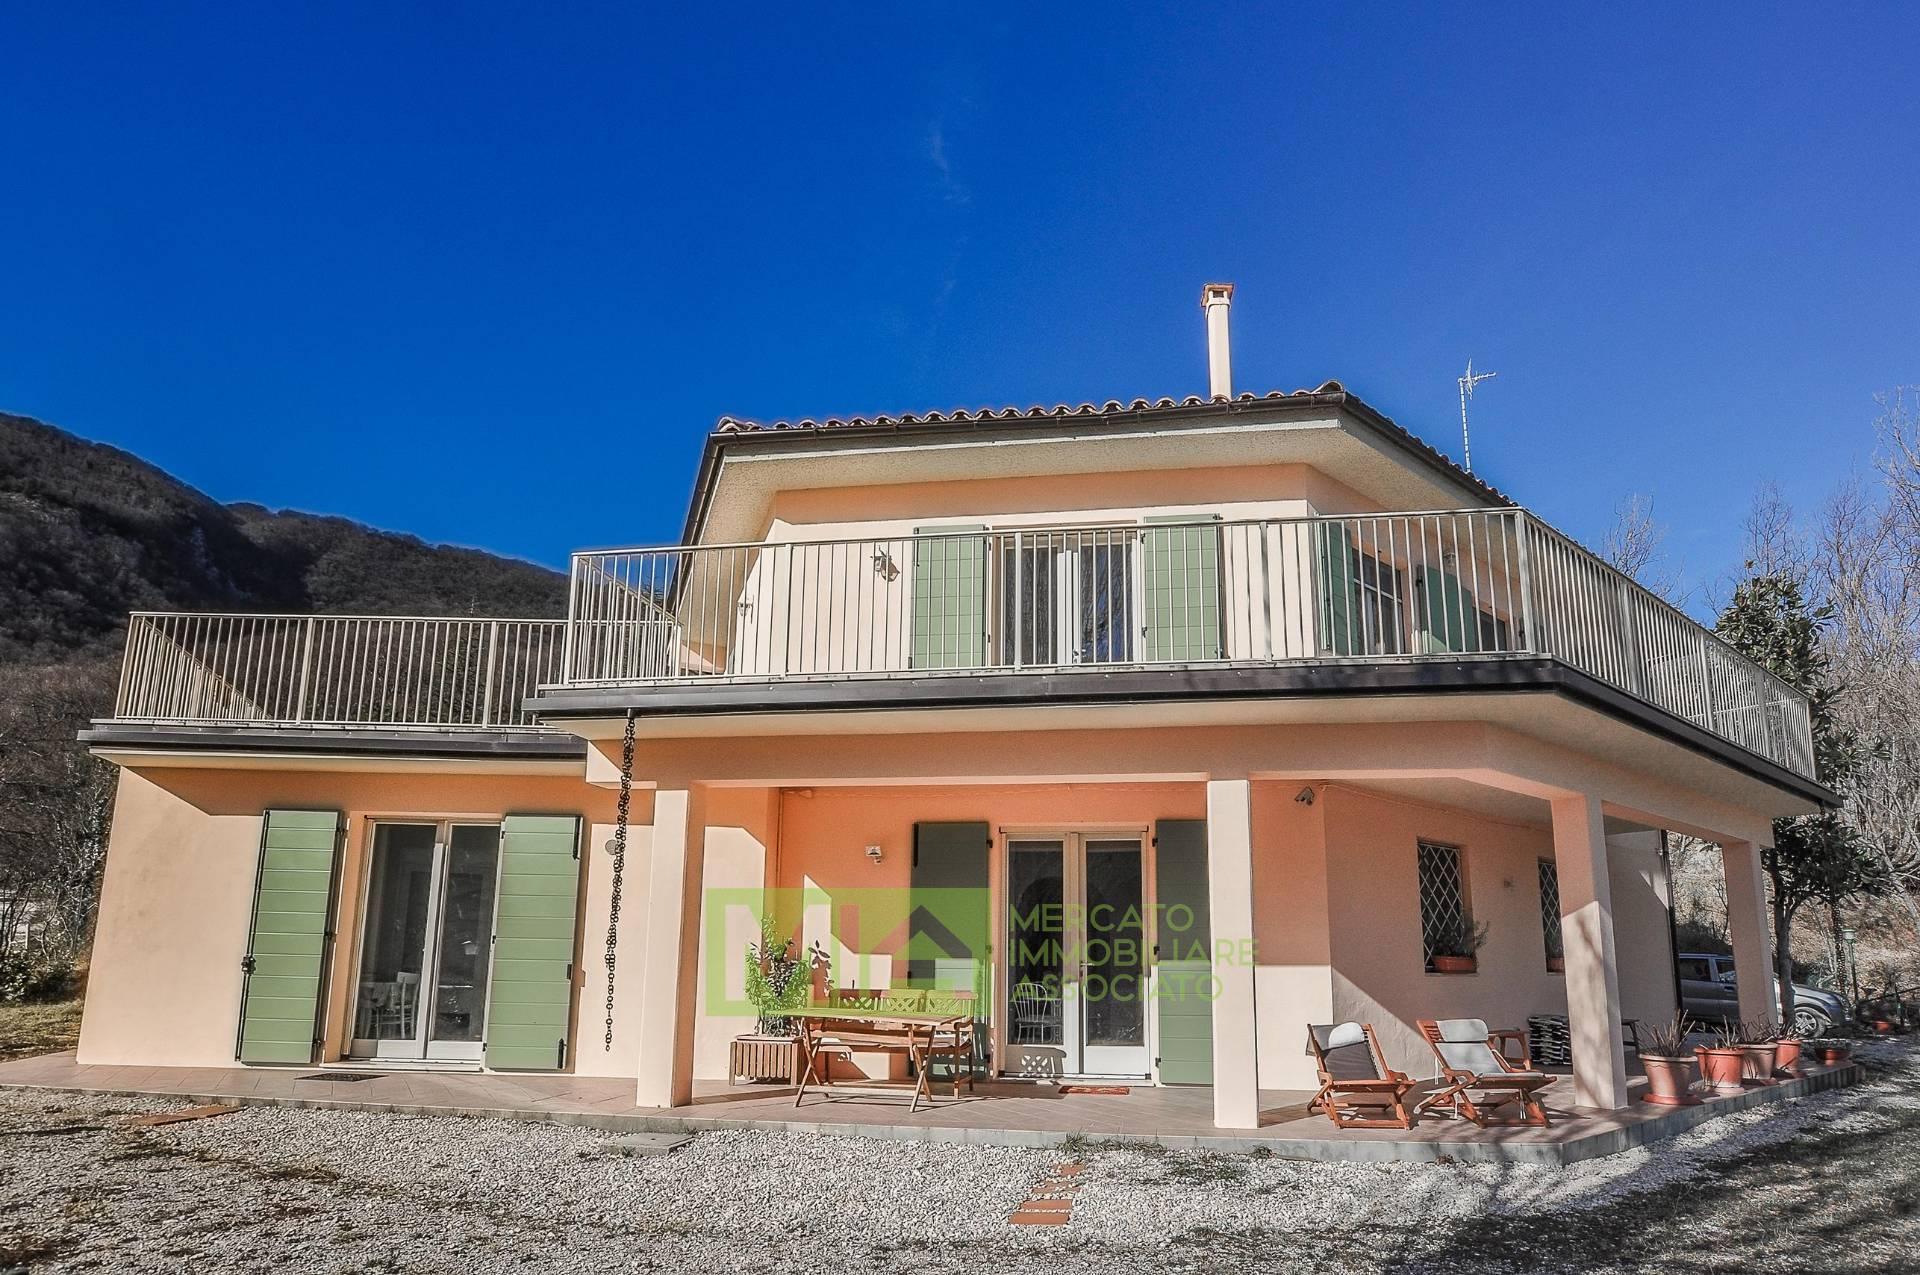 Villa in vendita a San Ginesio (MC)